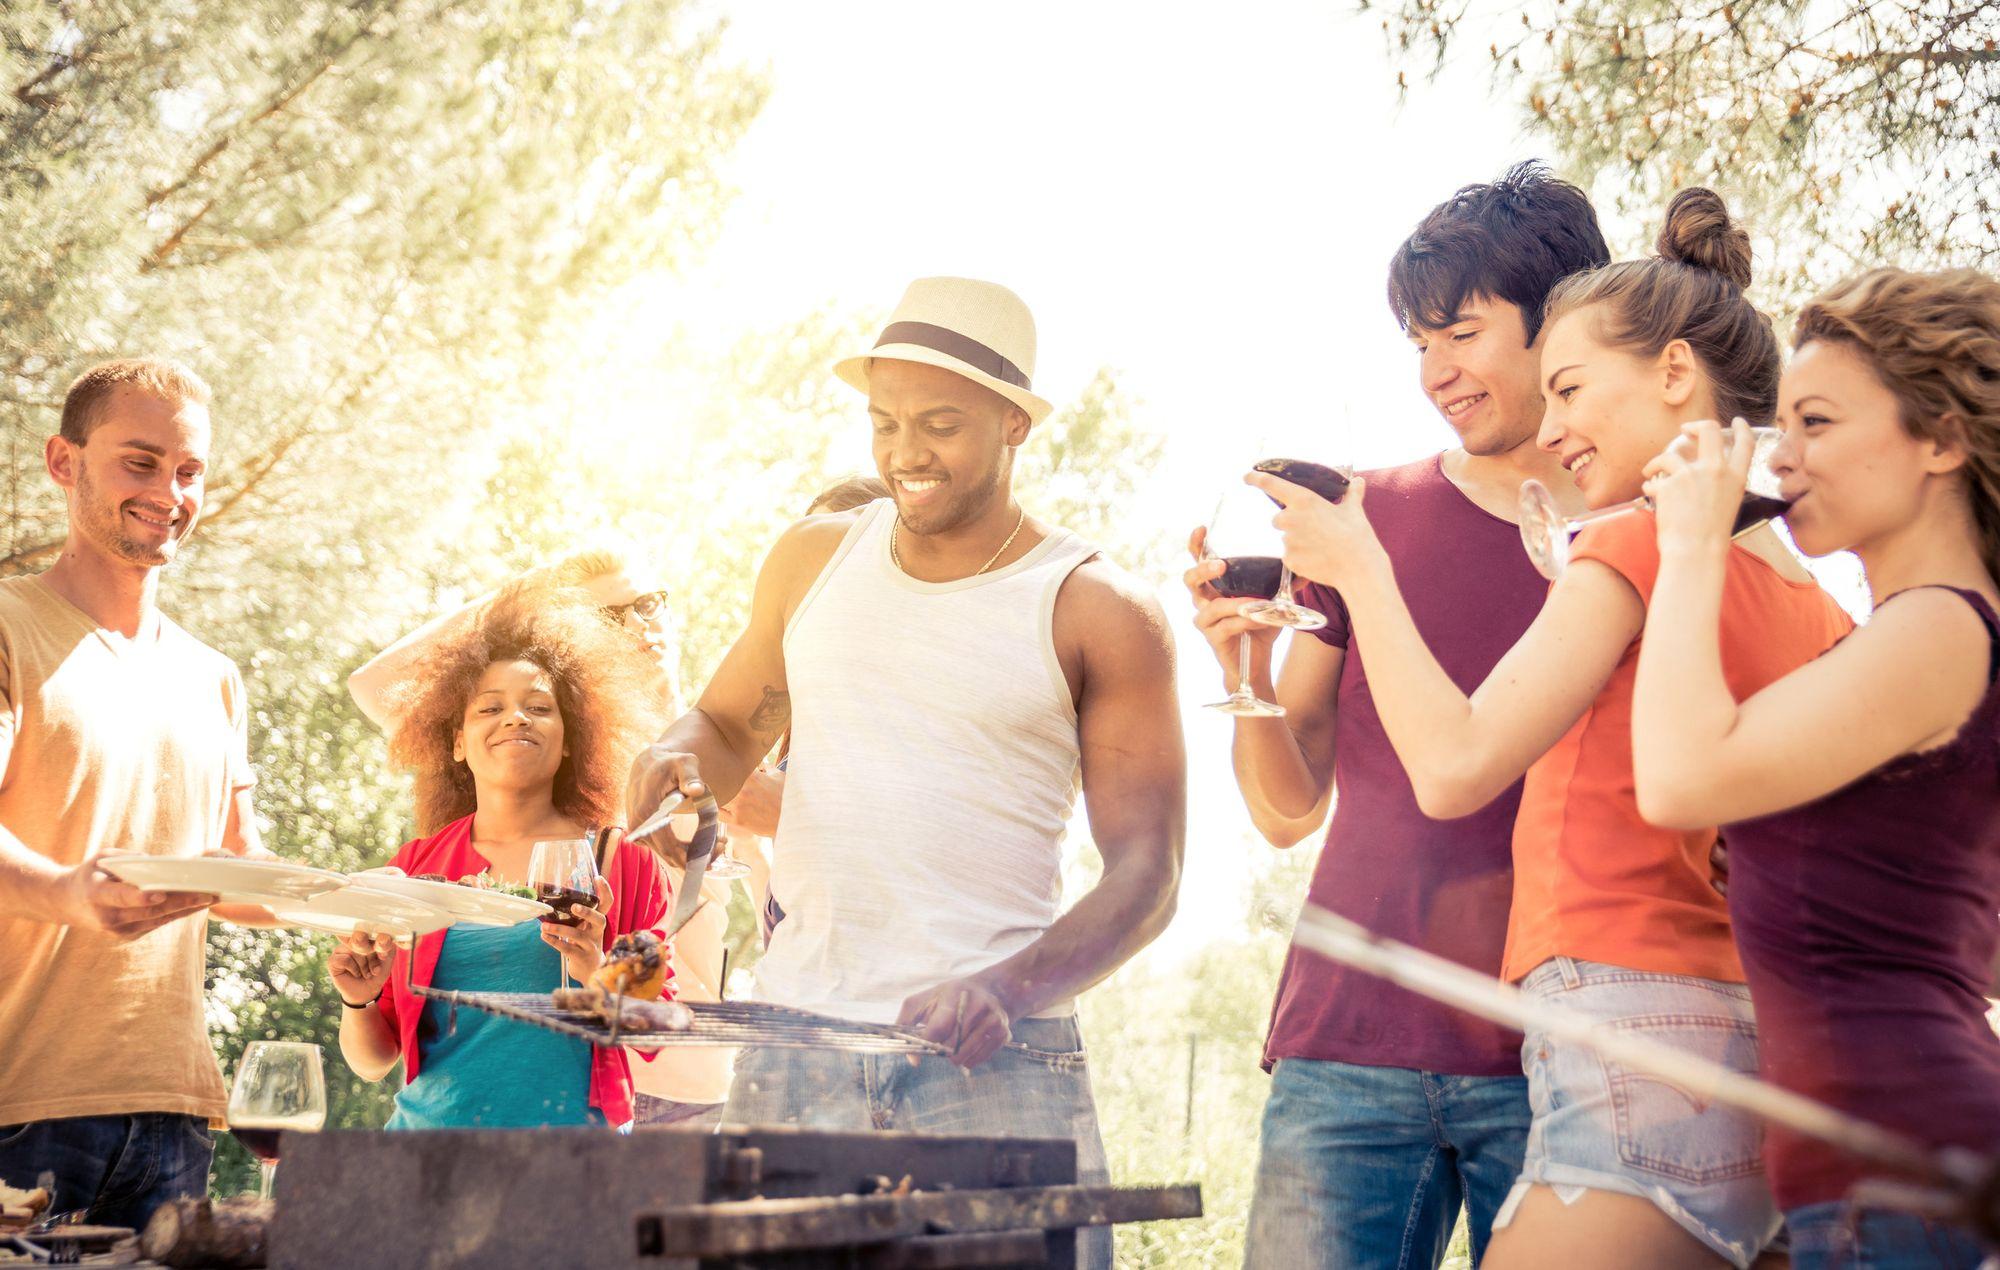 Responsabilidades de los anfitriones cuando sirven alcohol en su fiesta